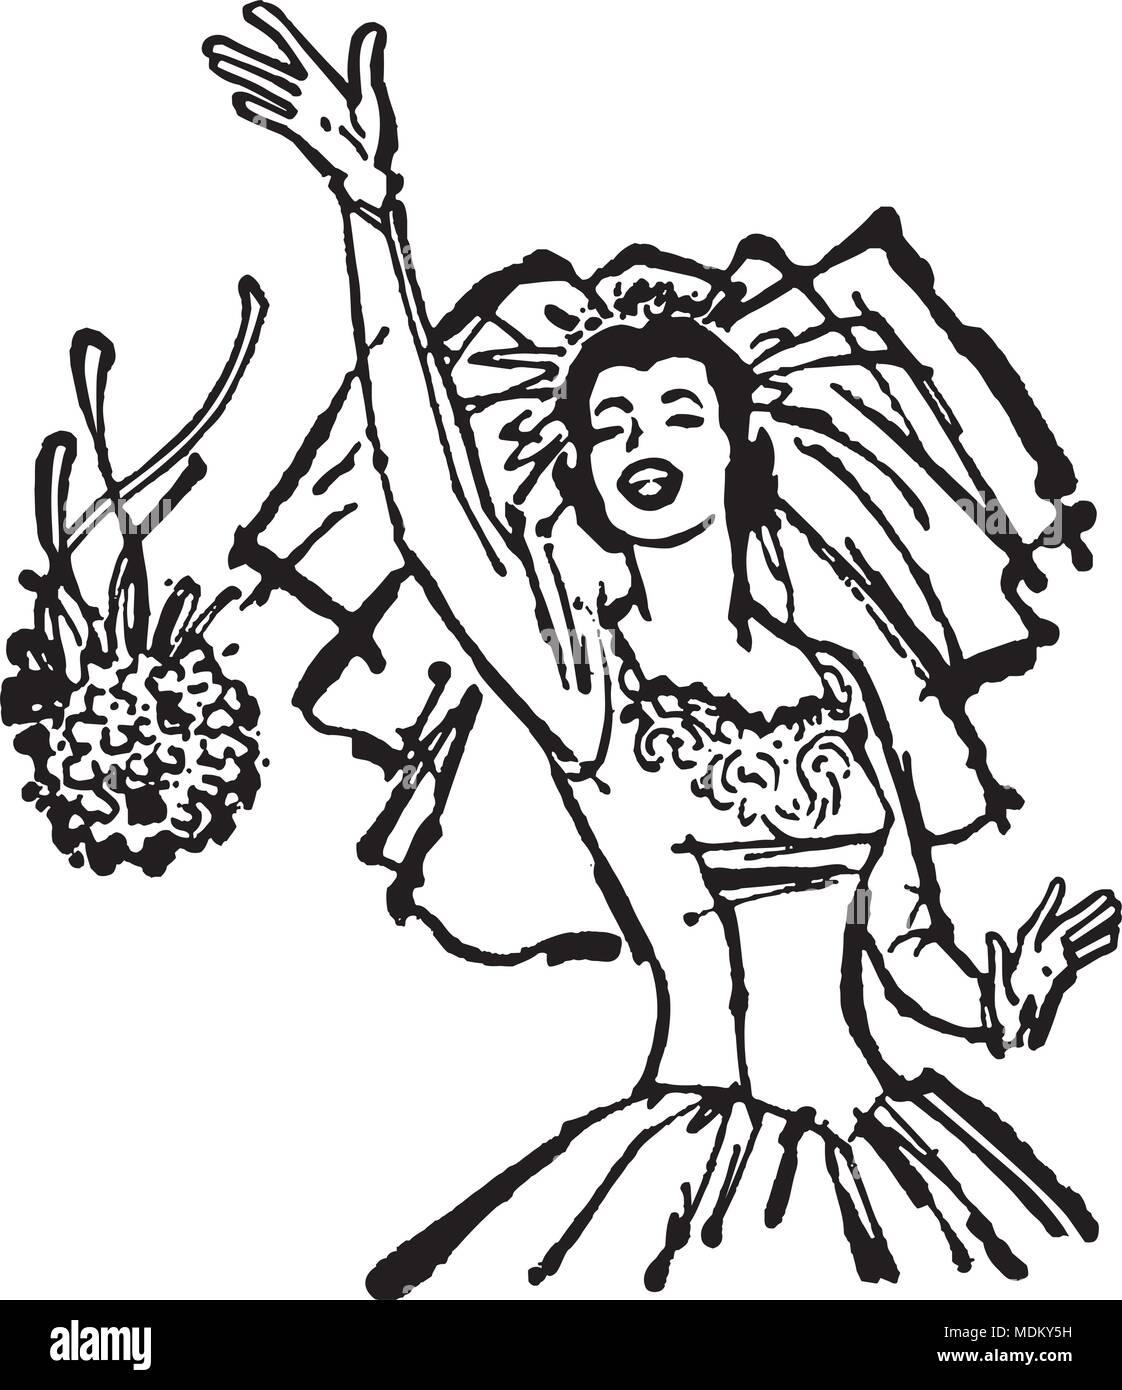 1950s Bride Bouquet Stock Photos & 1950s Bride Bouquet Stock Images ...